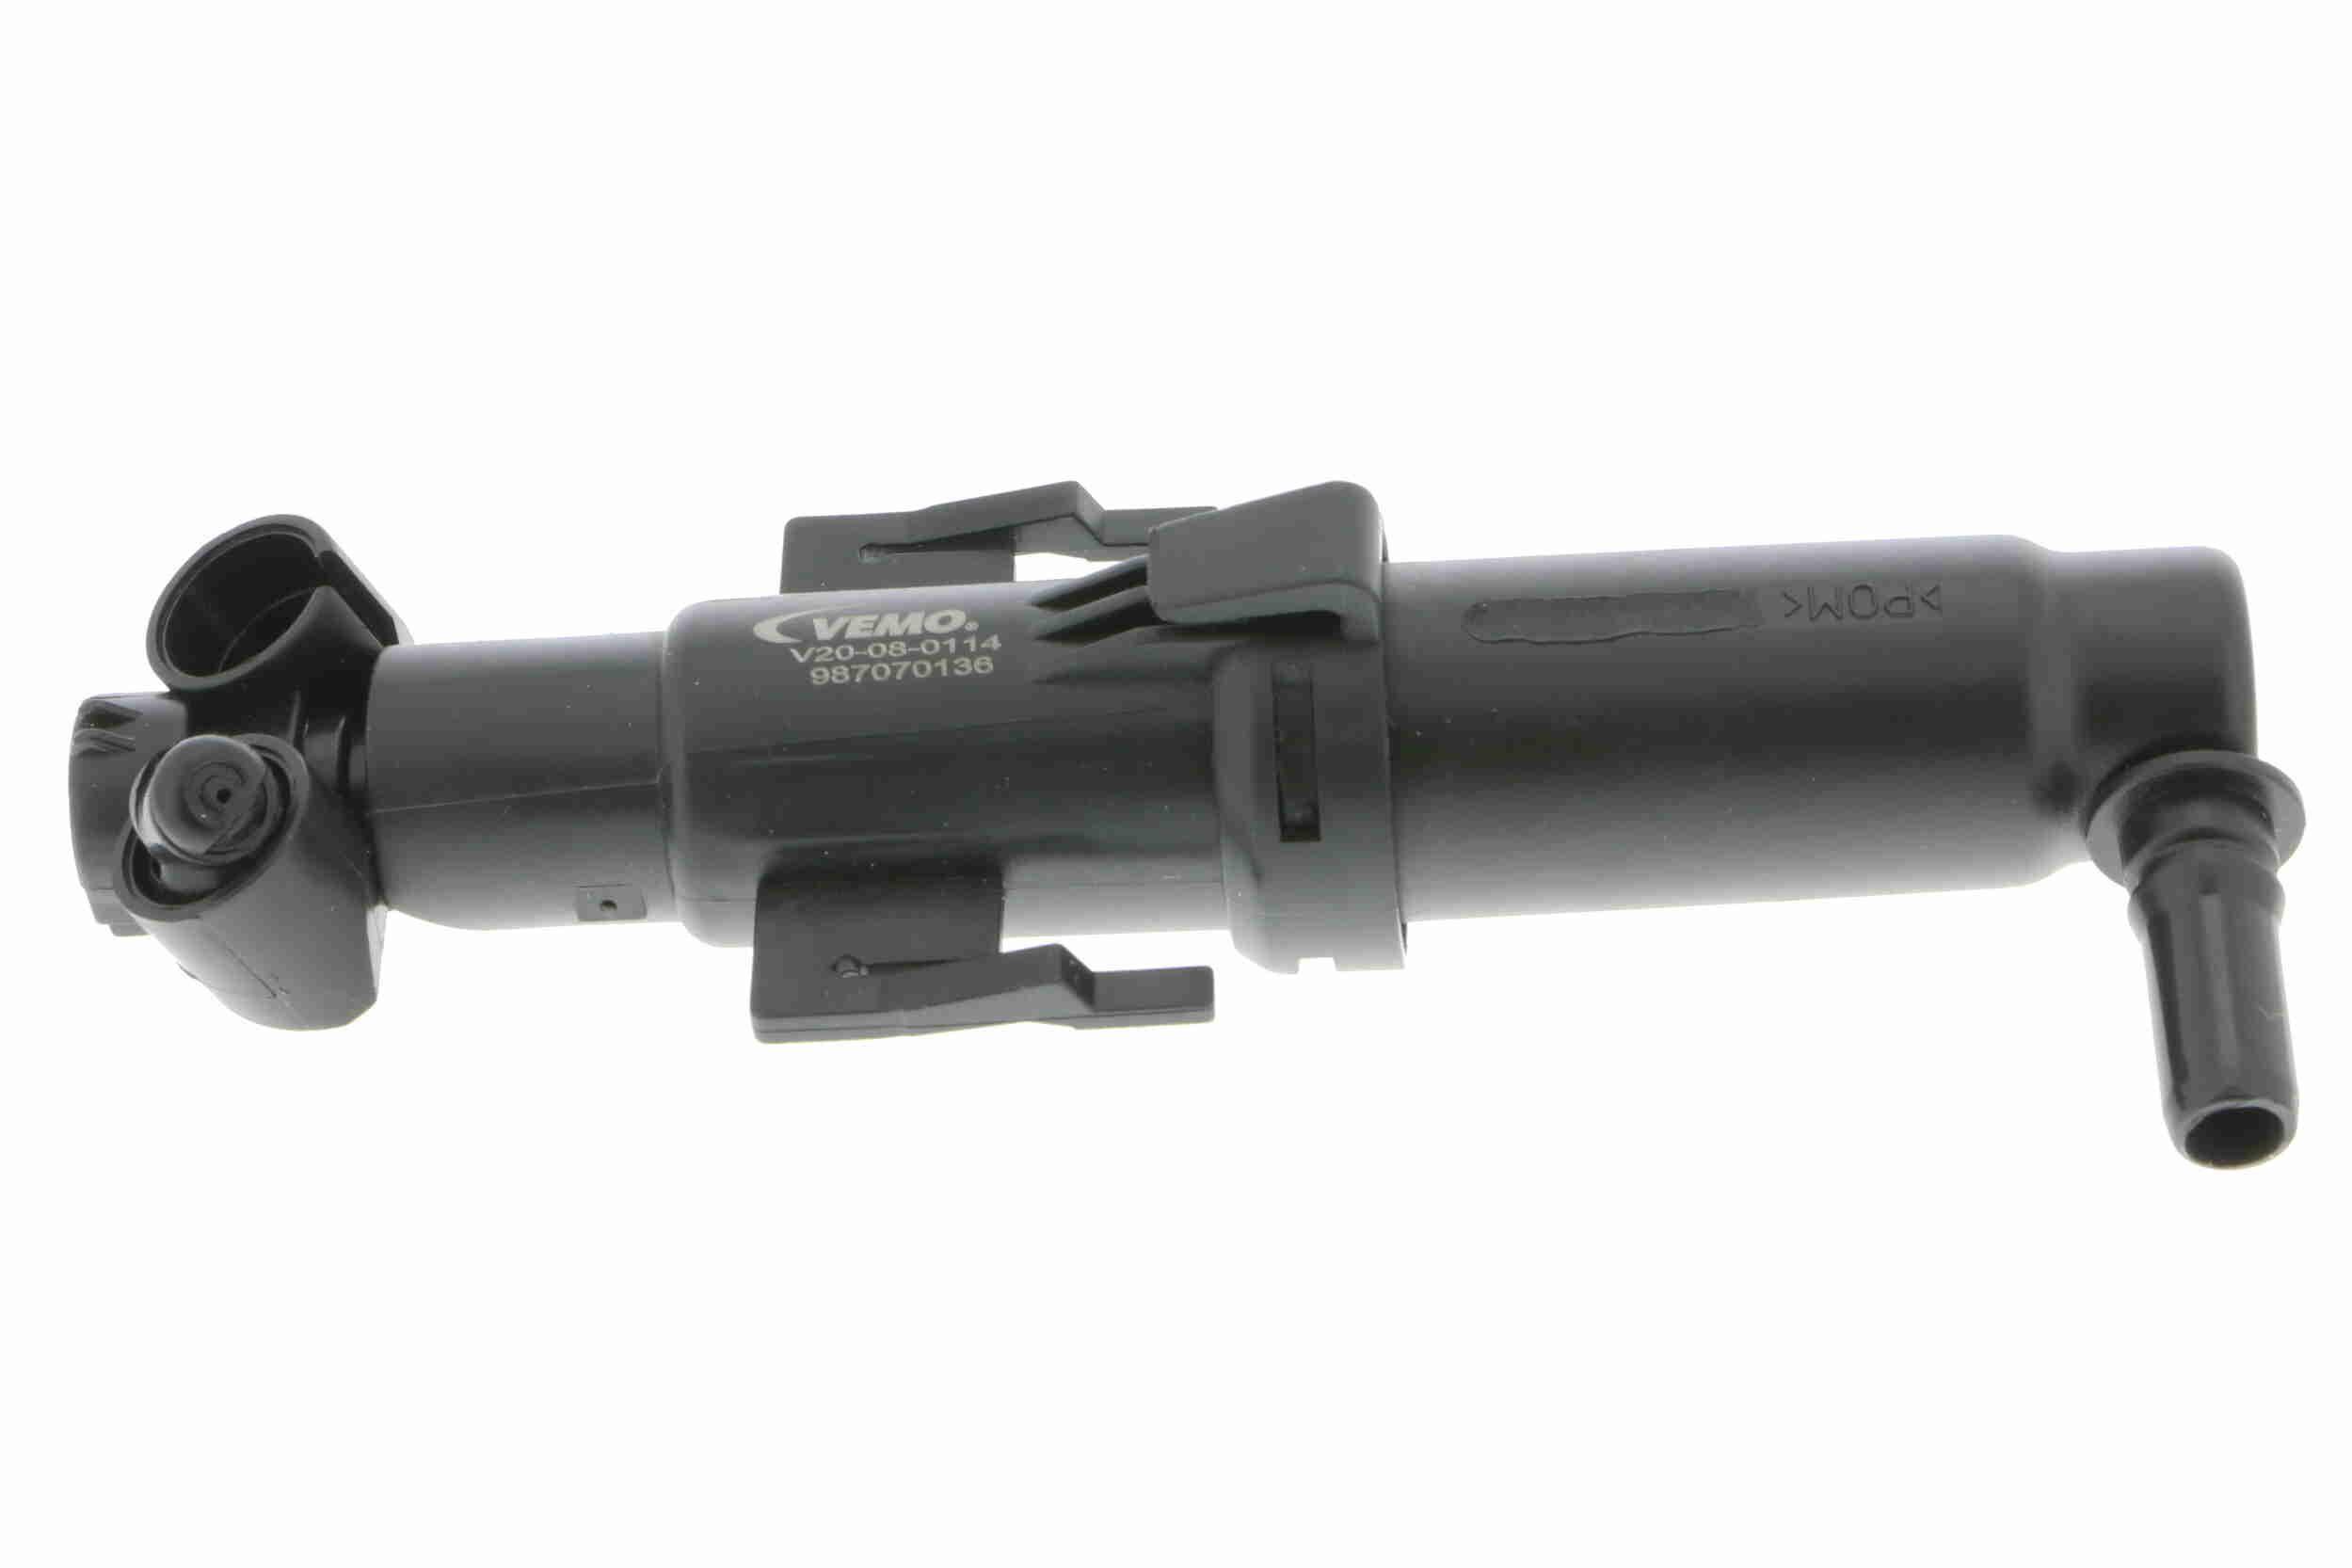 Scheinwerfer Düsen VEMO V20-08-0114